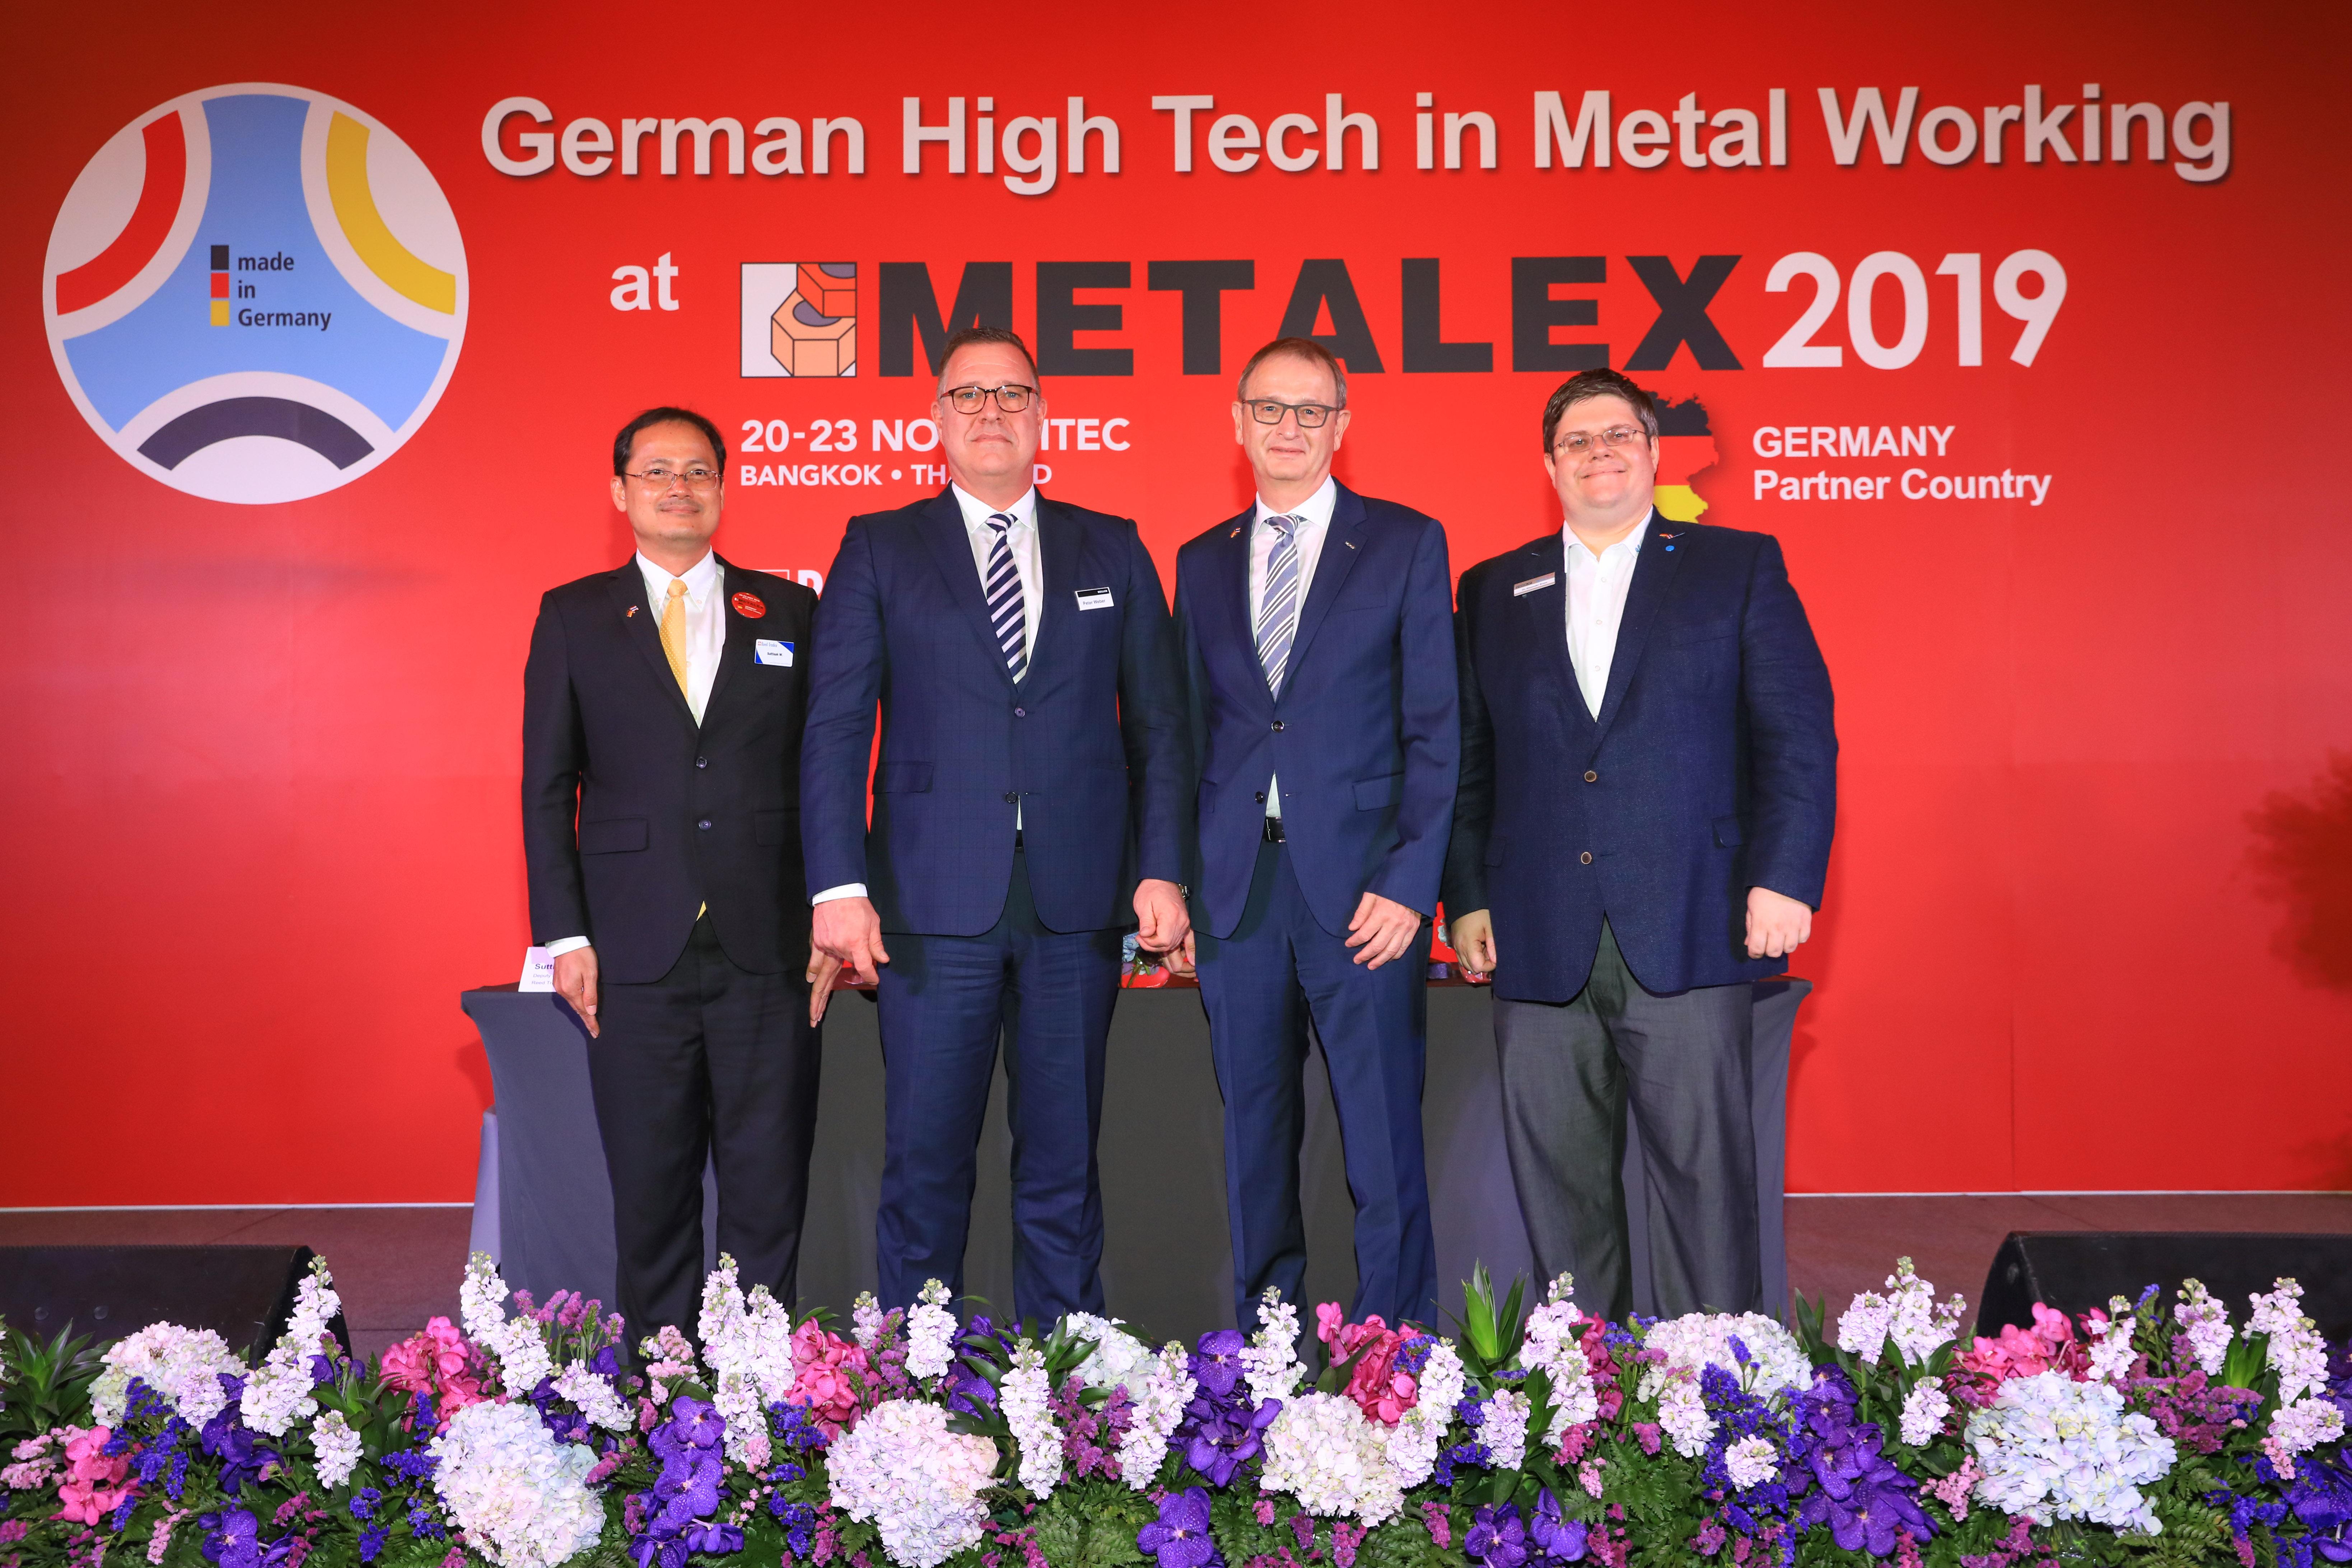 METALEX 2019  พร้อมกับสุดยอดเทคโนโลยีโลหะการจาก<br>เยอรมนี